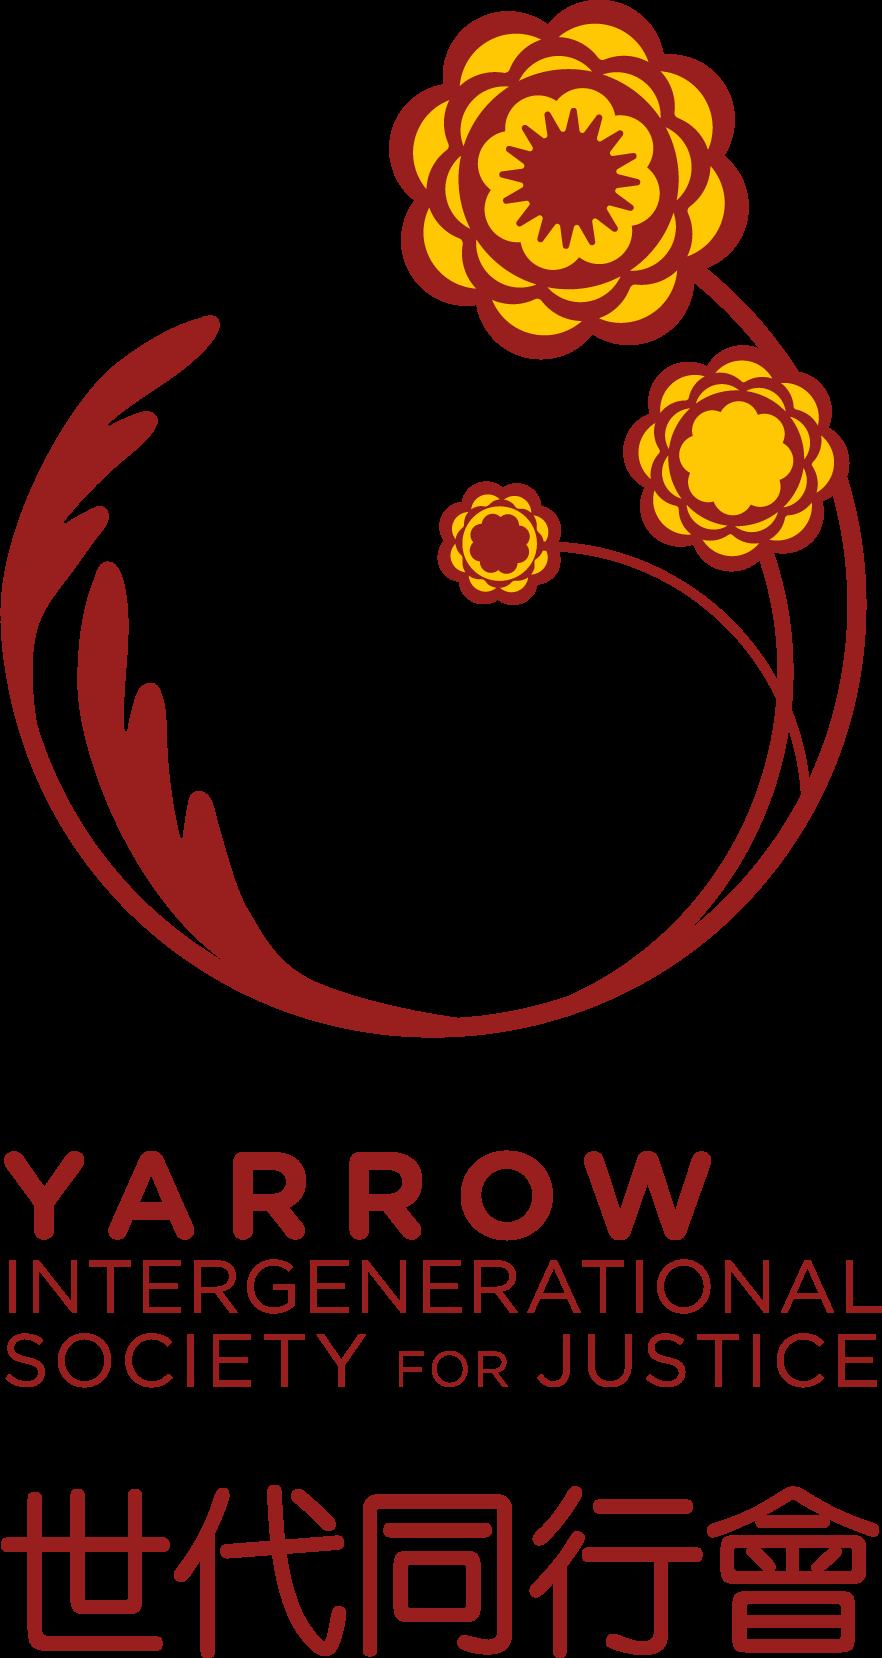 Yarrow logo & name Transparent.png